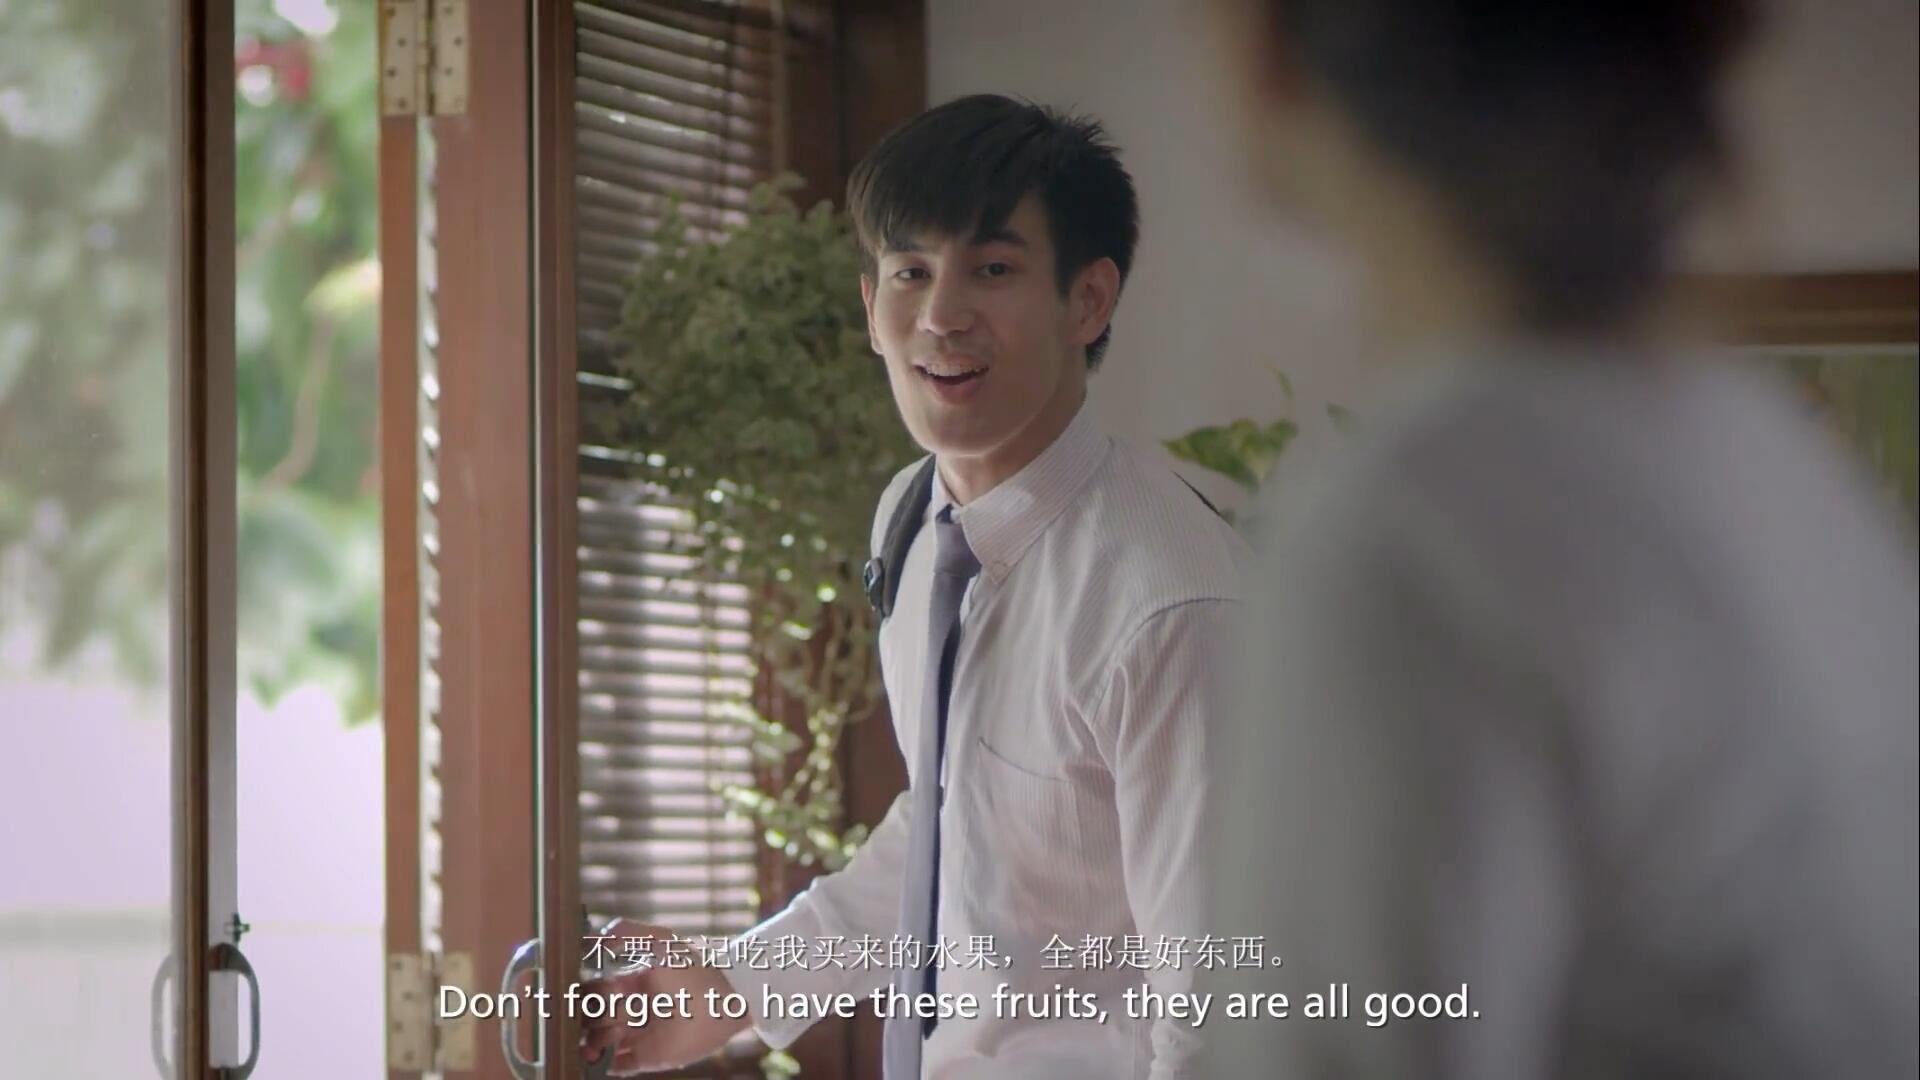 泰国公益微电影广告《为什么泰国人爱他们的国王》